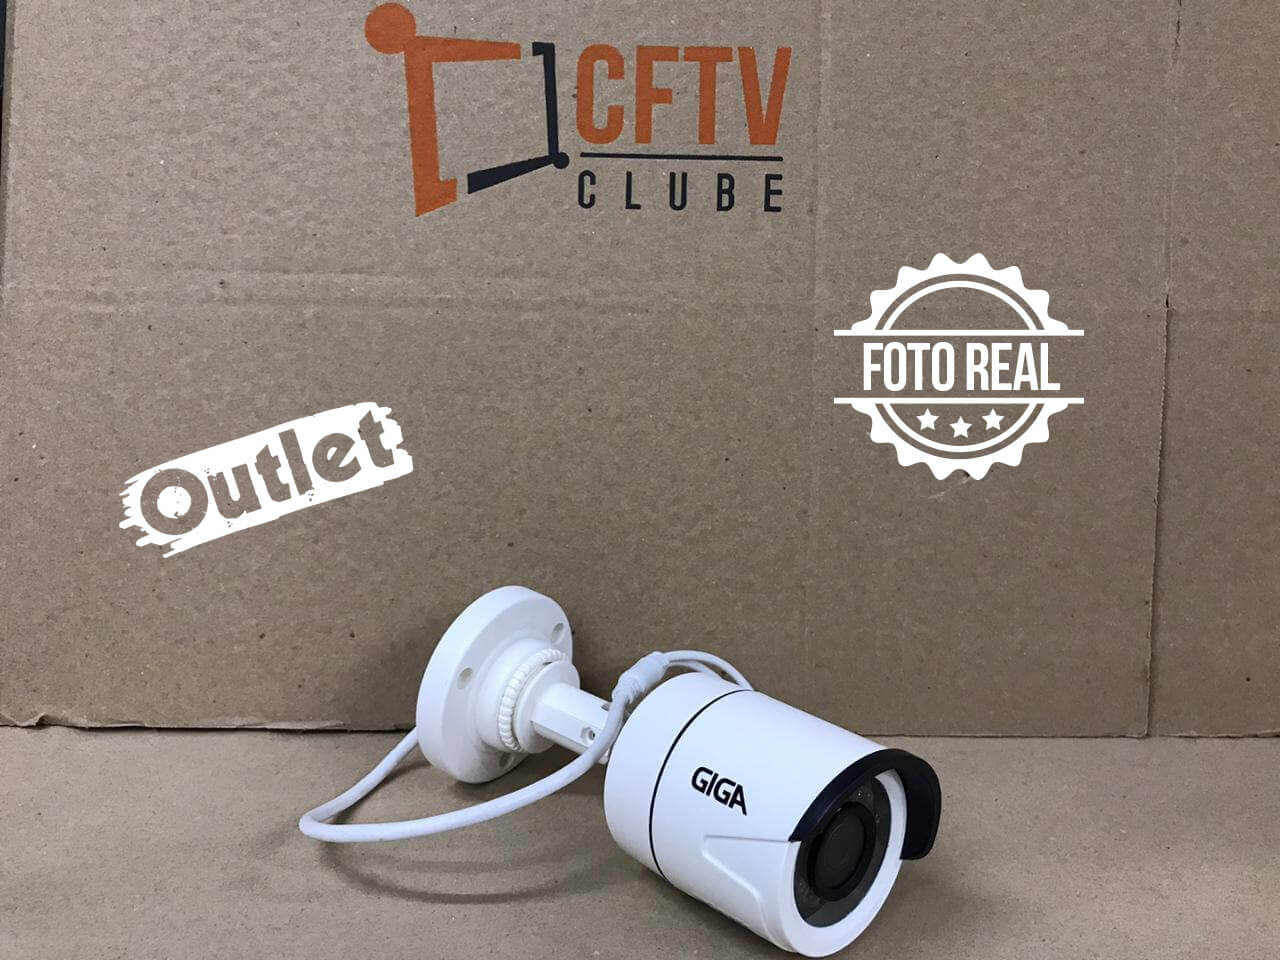 Outlet - Câmera Giga GS0002 Bullet Digital 960 Plus IR 20M (960TVL | 494p | 3.2mm | Plast)  - CFTV Clube | Brasil